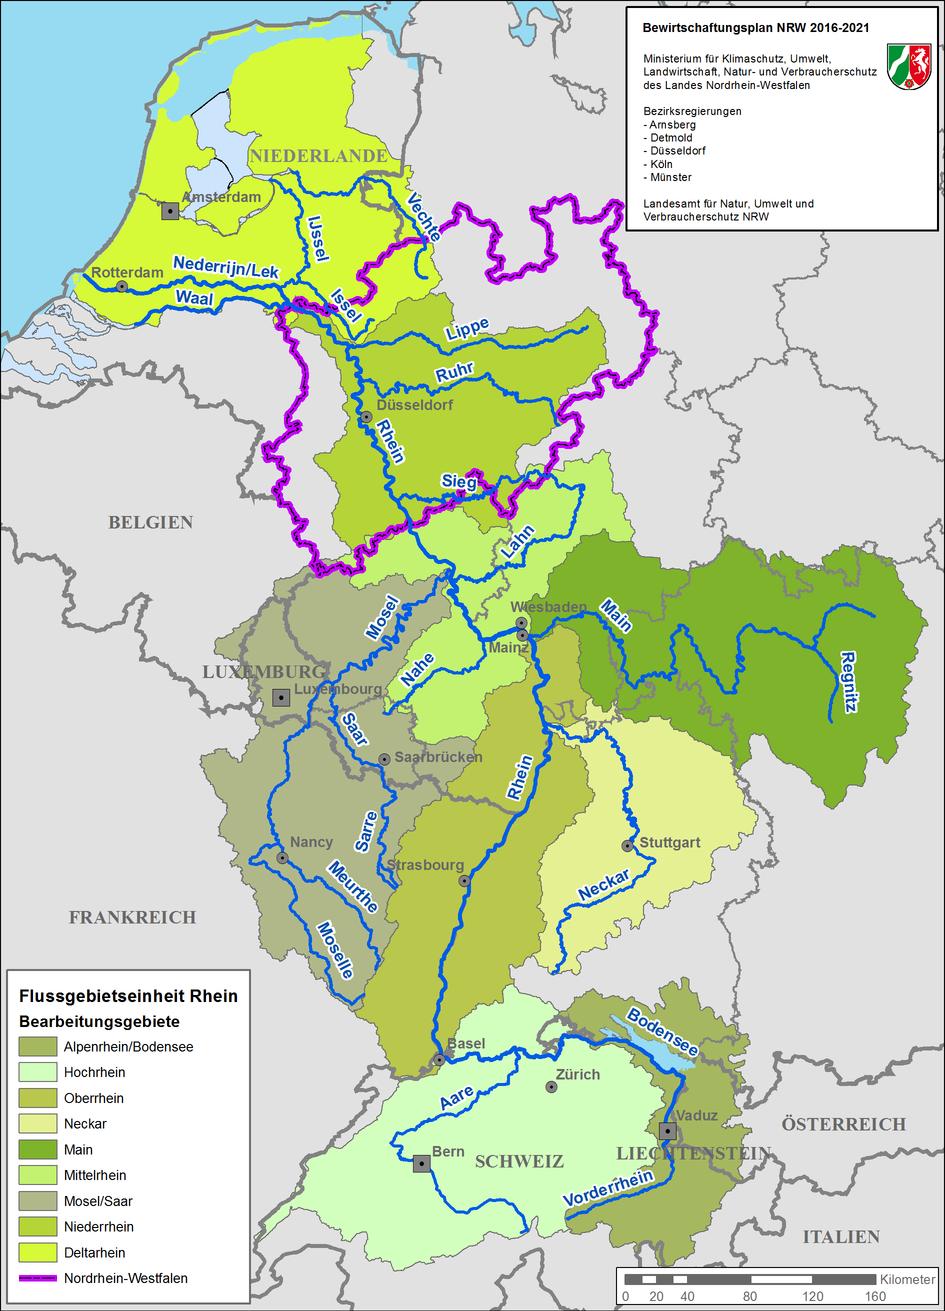 Karte der Bearbeitungsgebiete in der Flussgebietseinheit Rhein